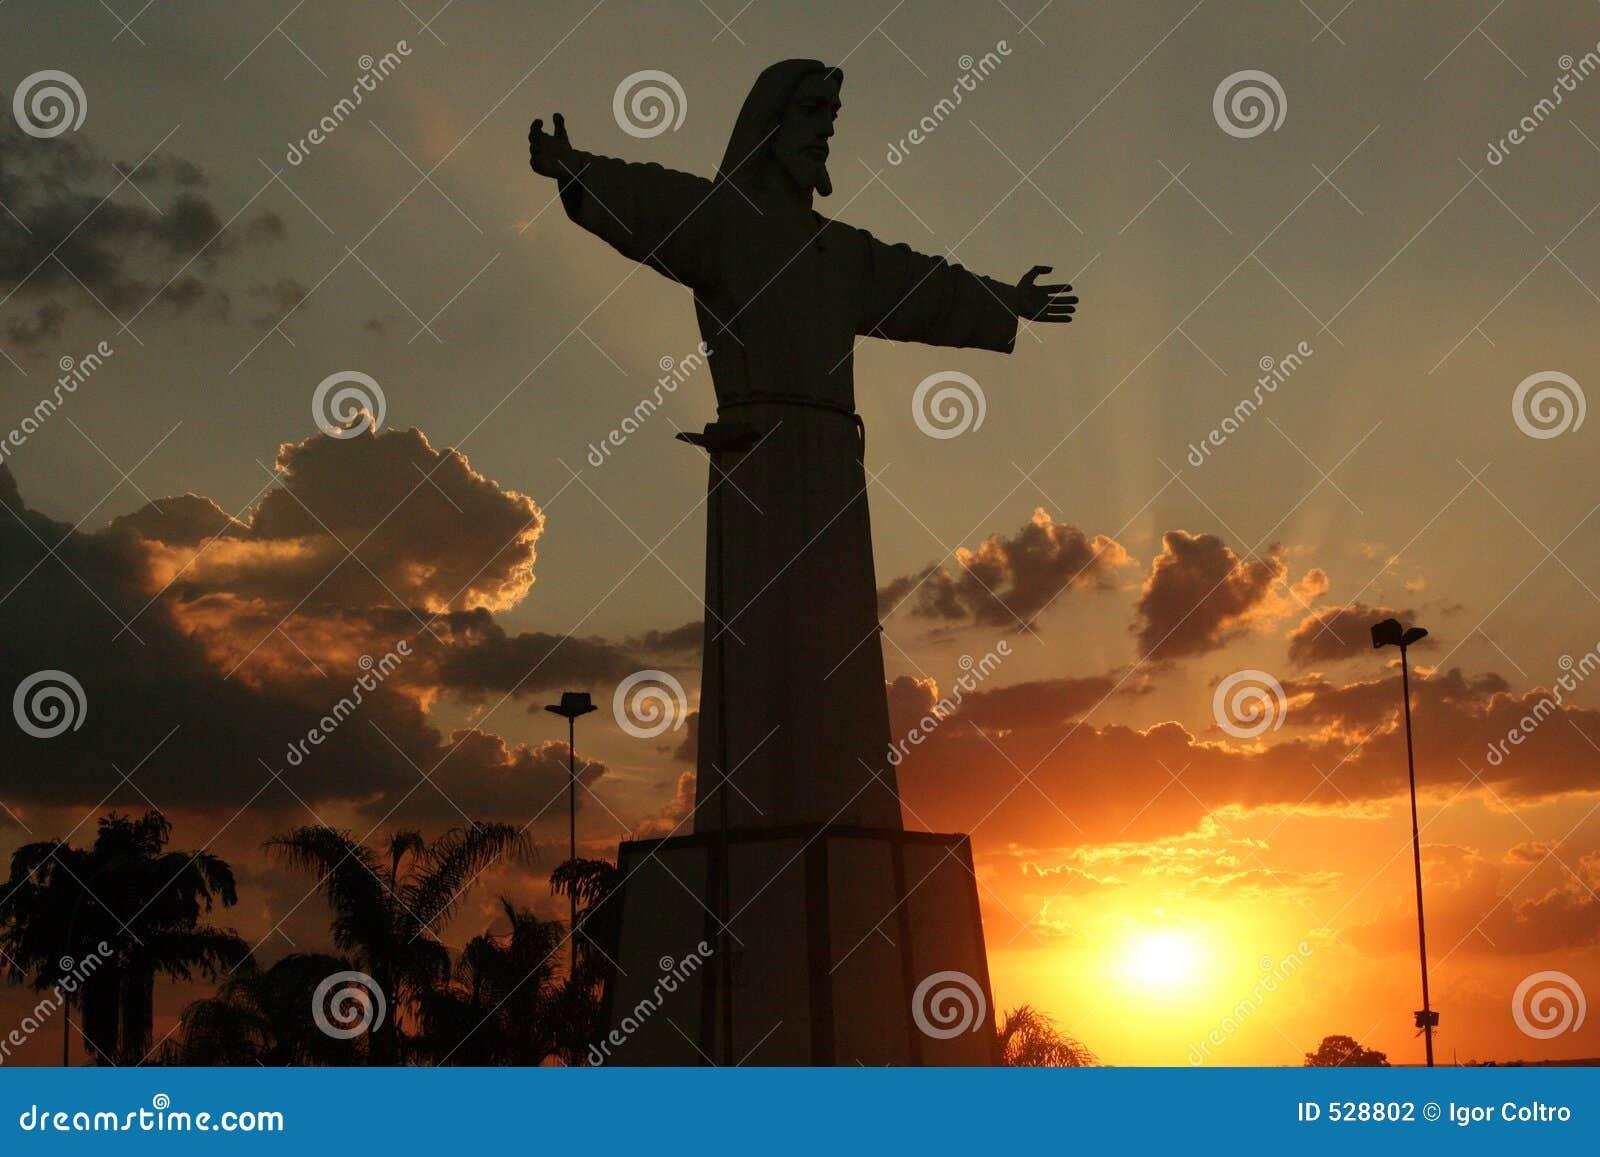 Download 耶稣剪影 库存照片. 图片 包括有 云彩, 基督, 日落, 影子, 剪影, 天空, 耶稣, 雕象 - 528802